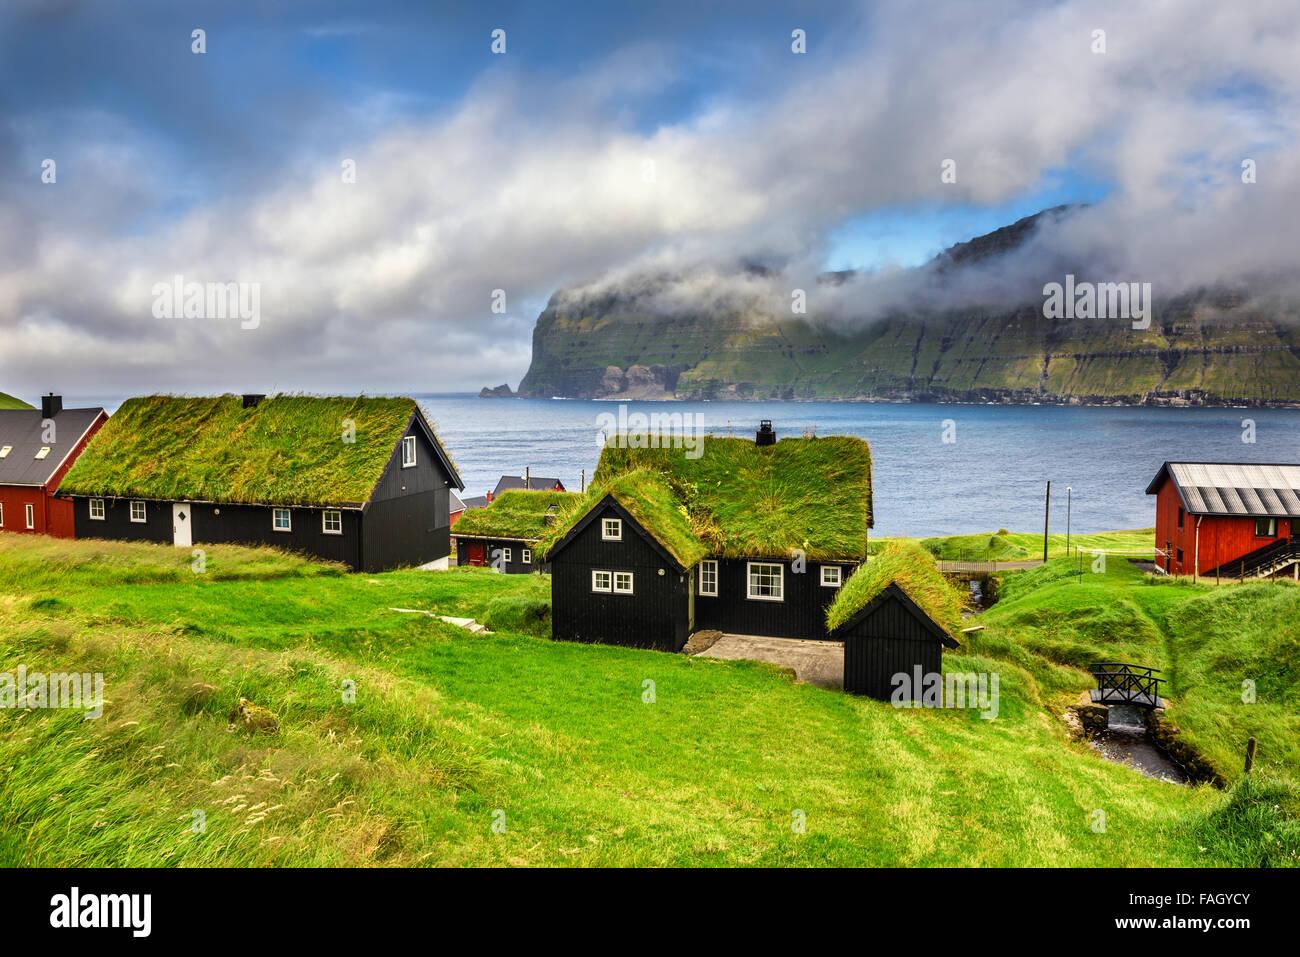 Village d'Mikladalur situé sur l'île de Kalsoy, îles Féroé, Danemark Photo Stock